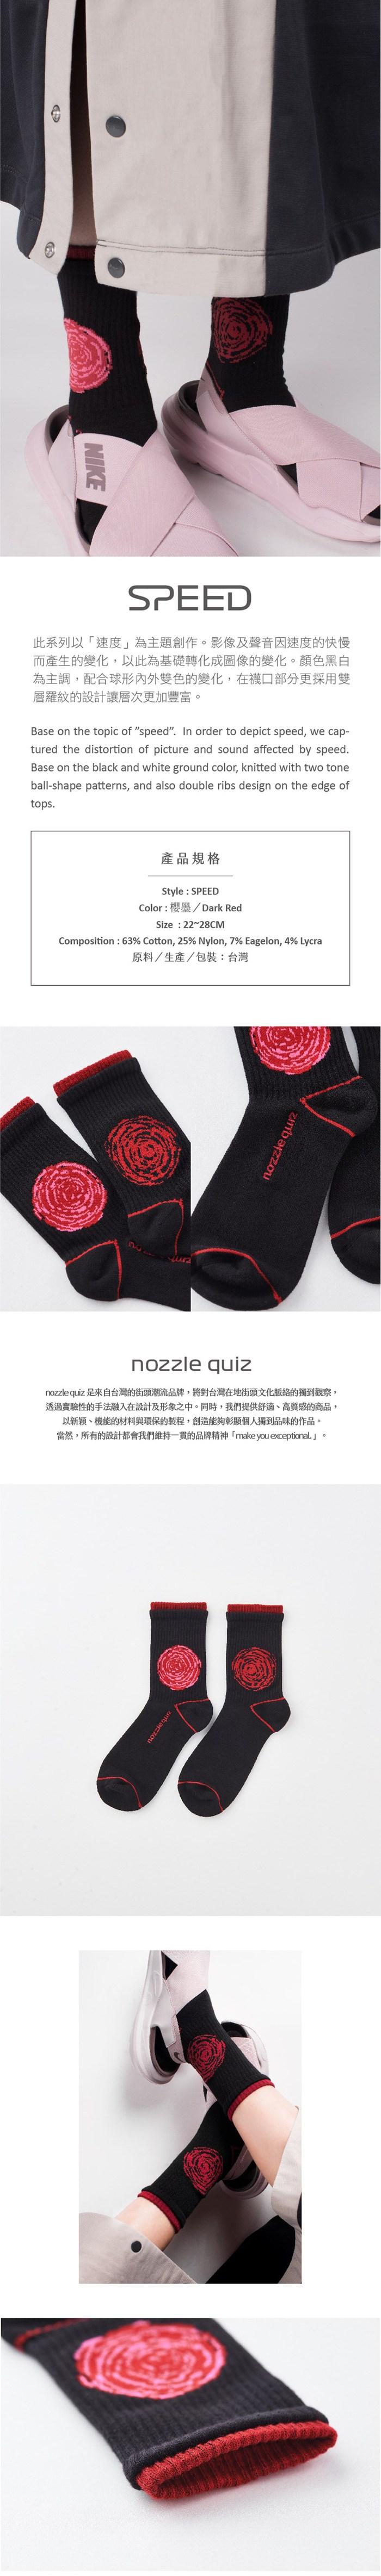 (複製)nozzle quiz│SPEED S1 中筒休閒襪 - 螢粉